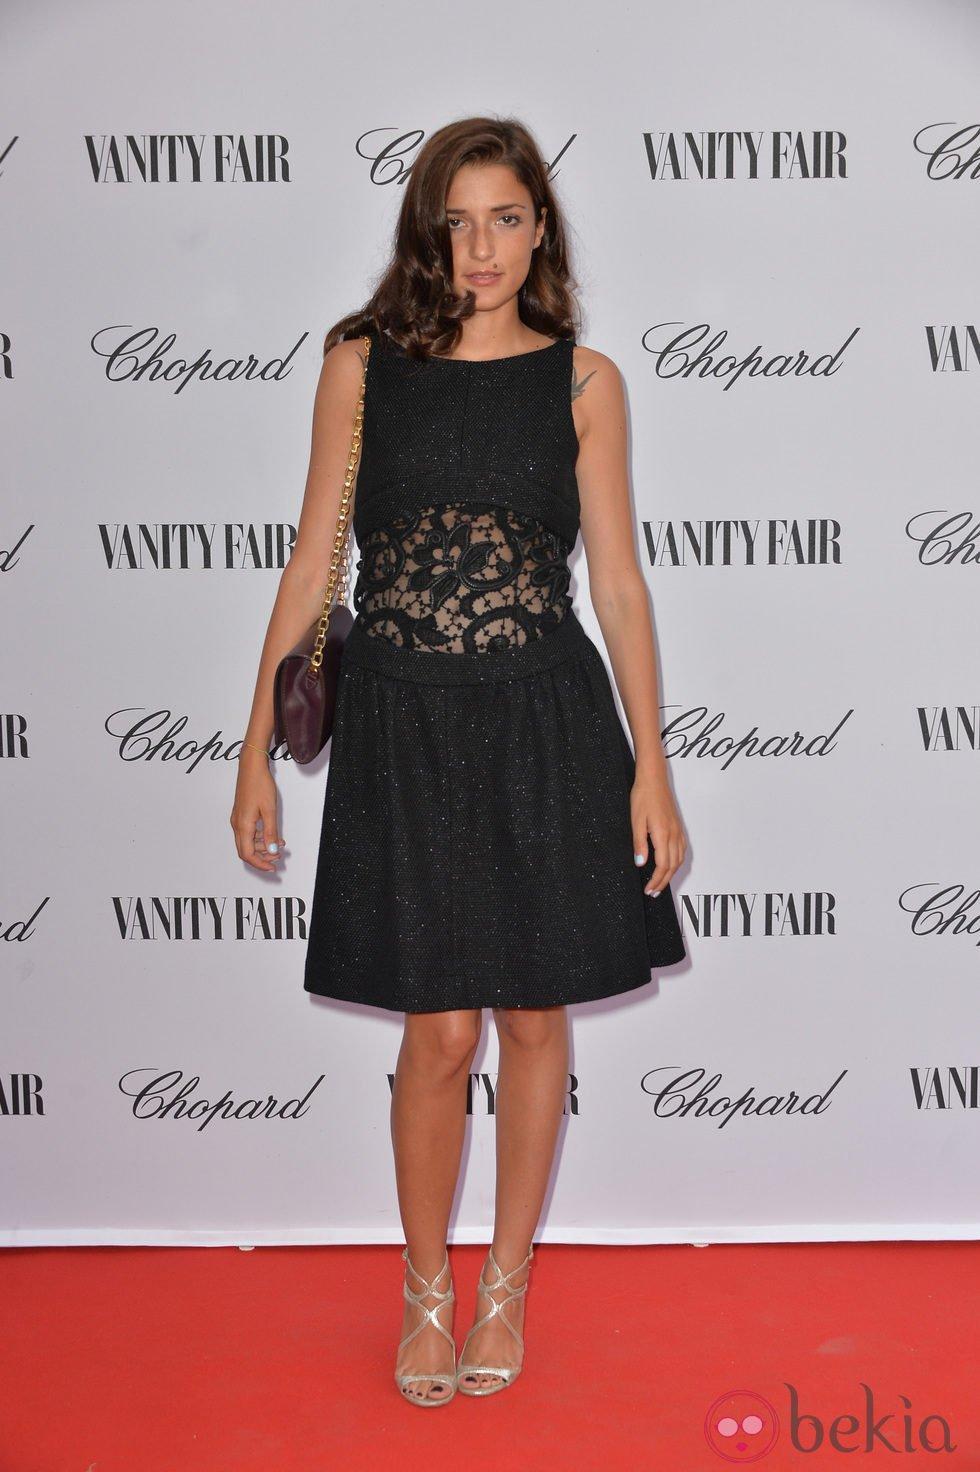 Eleonora Carisi en la fiesta organizada por Vanity Fair y Chopard en el Festival de Venecia 2014